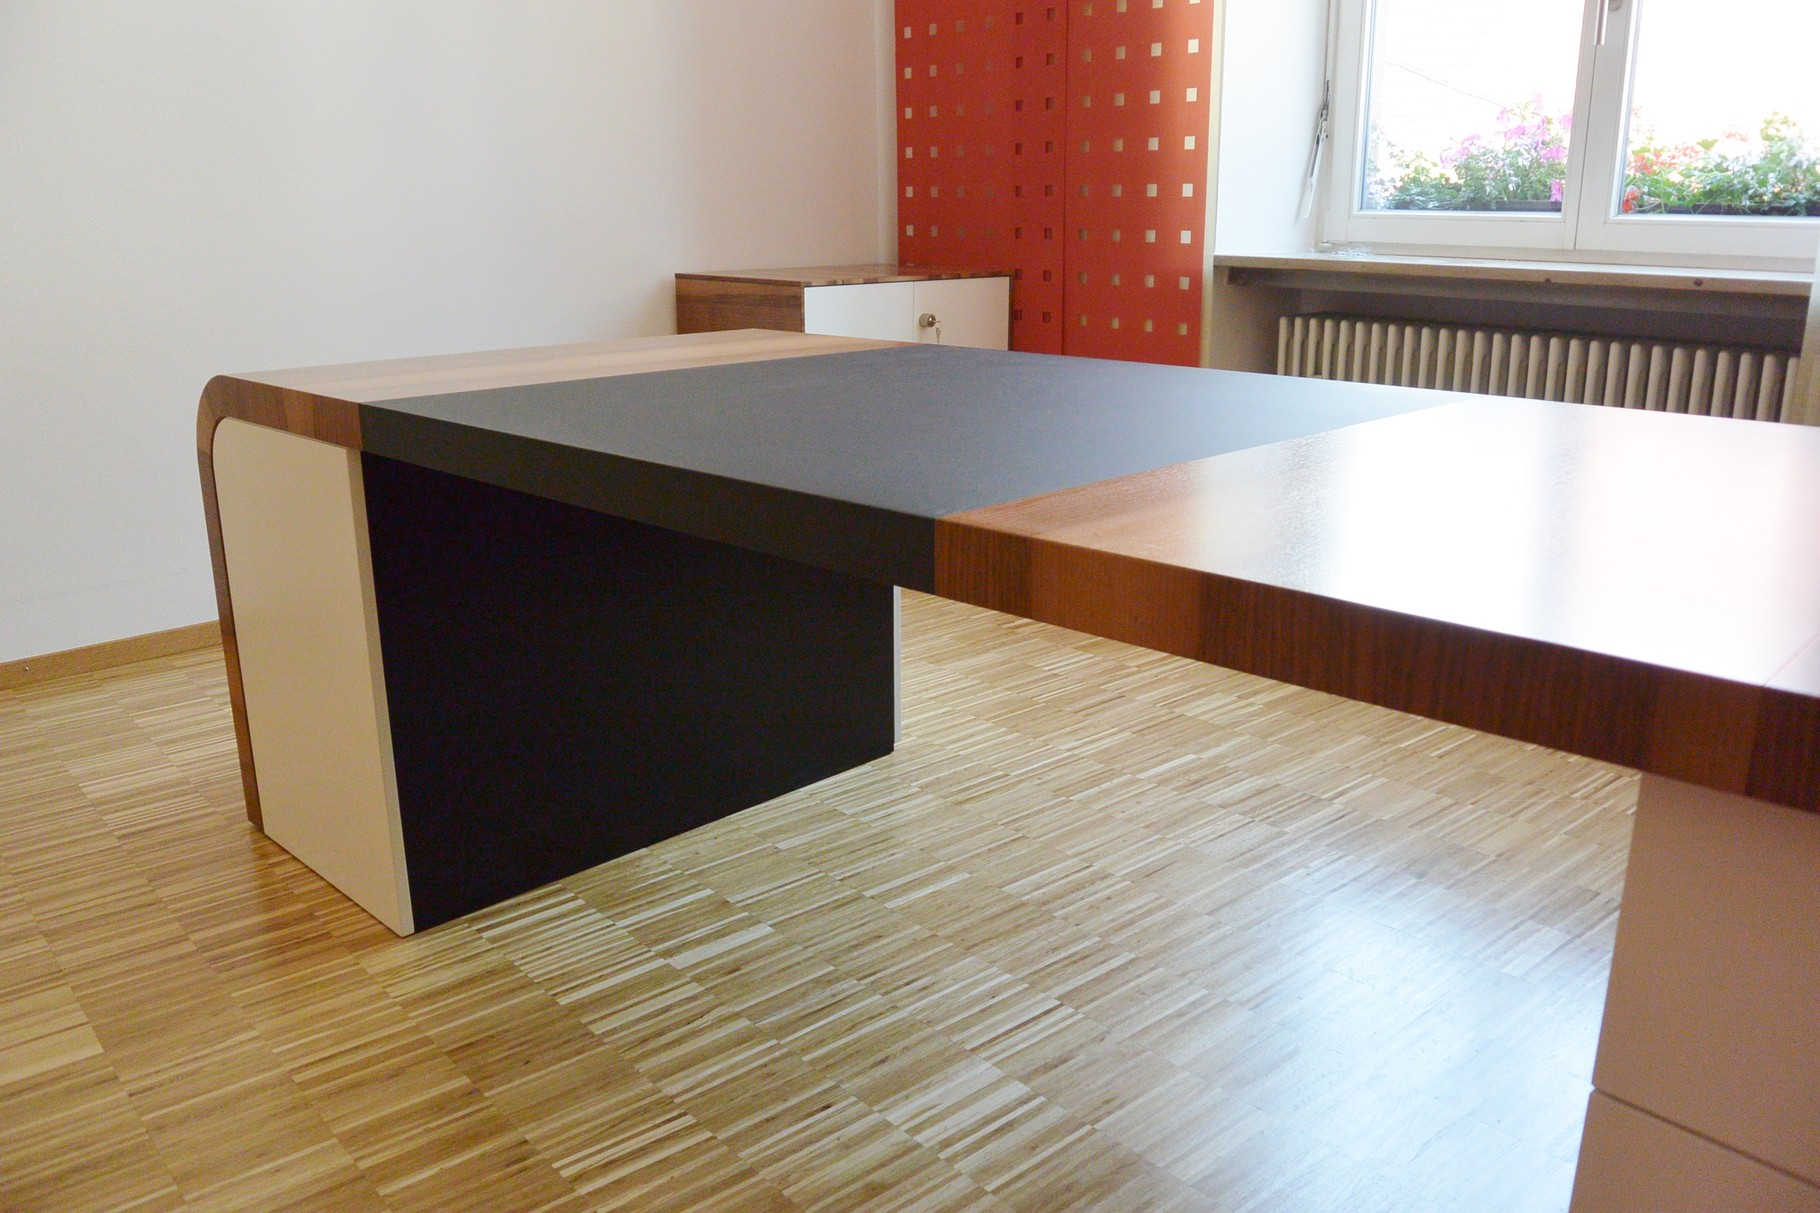 Schreibtisch mit eingelassenem Möbel-Linoleum